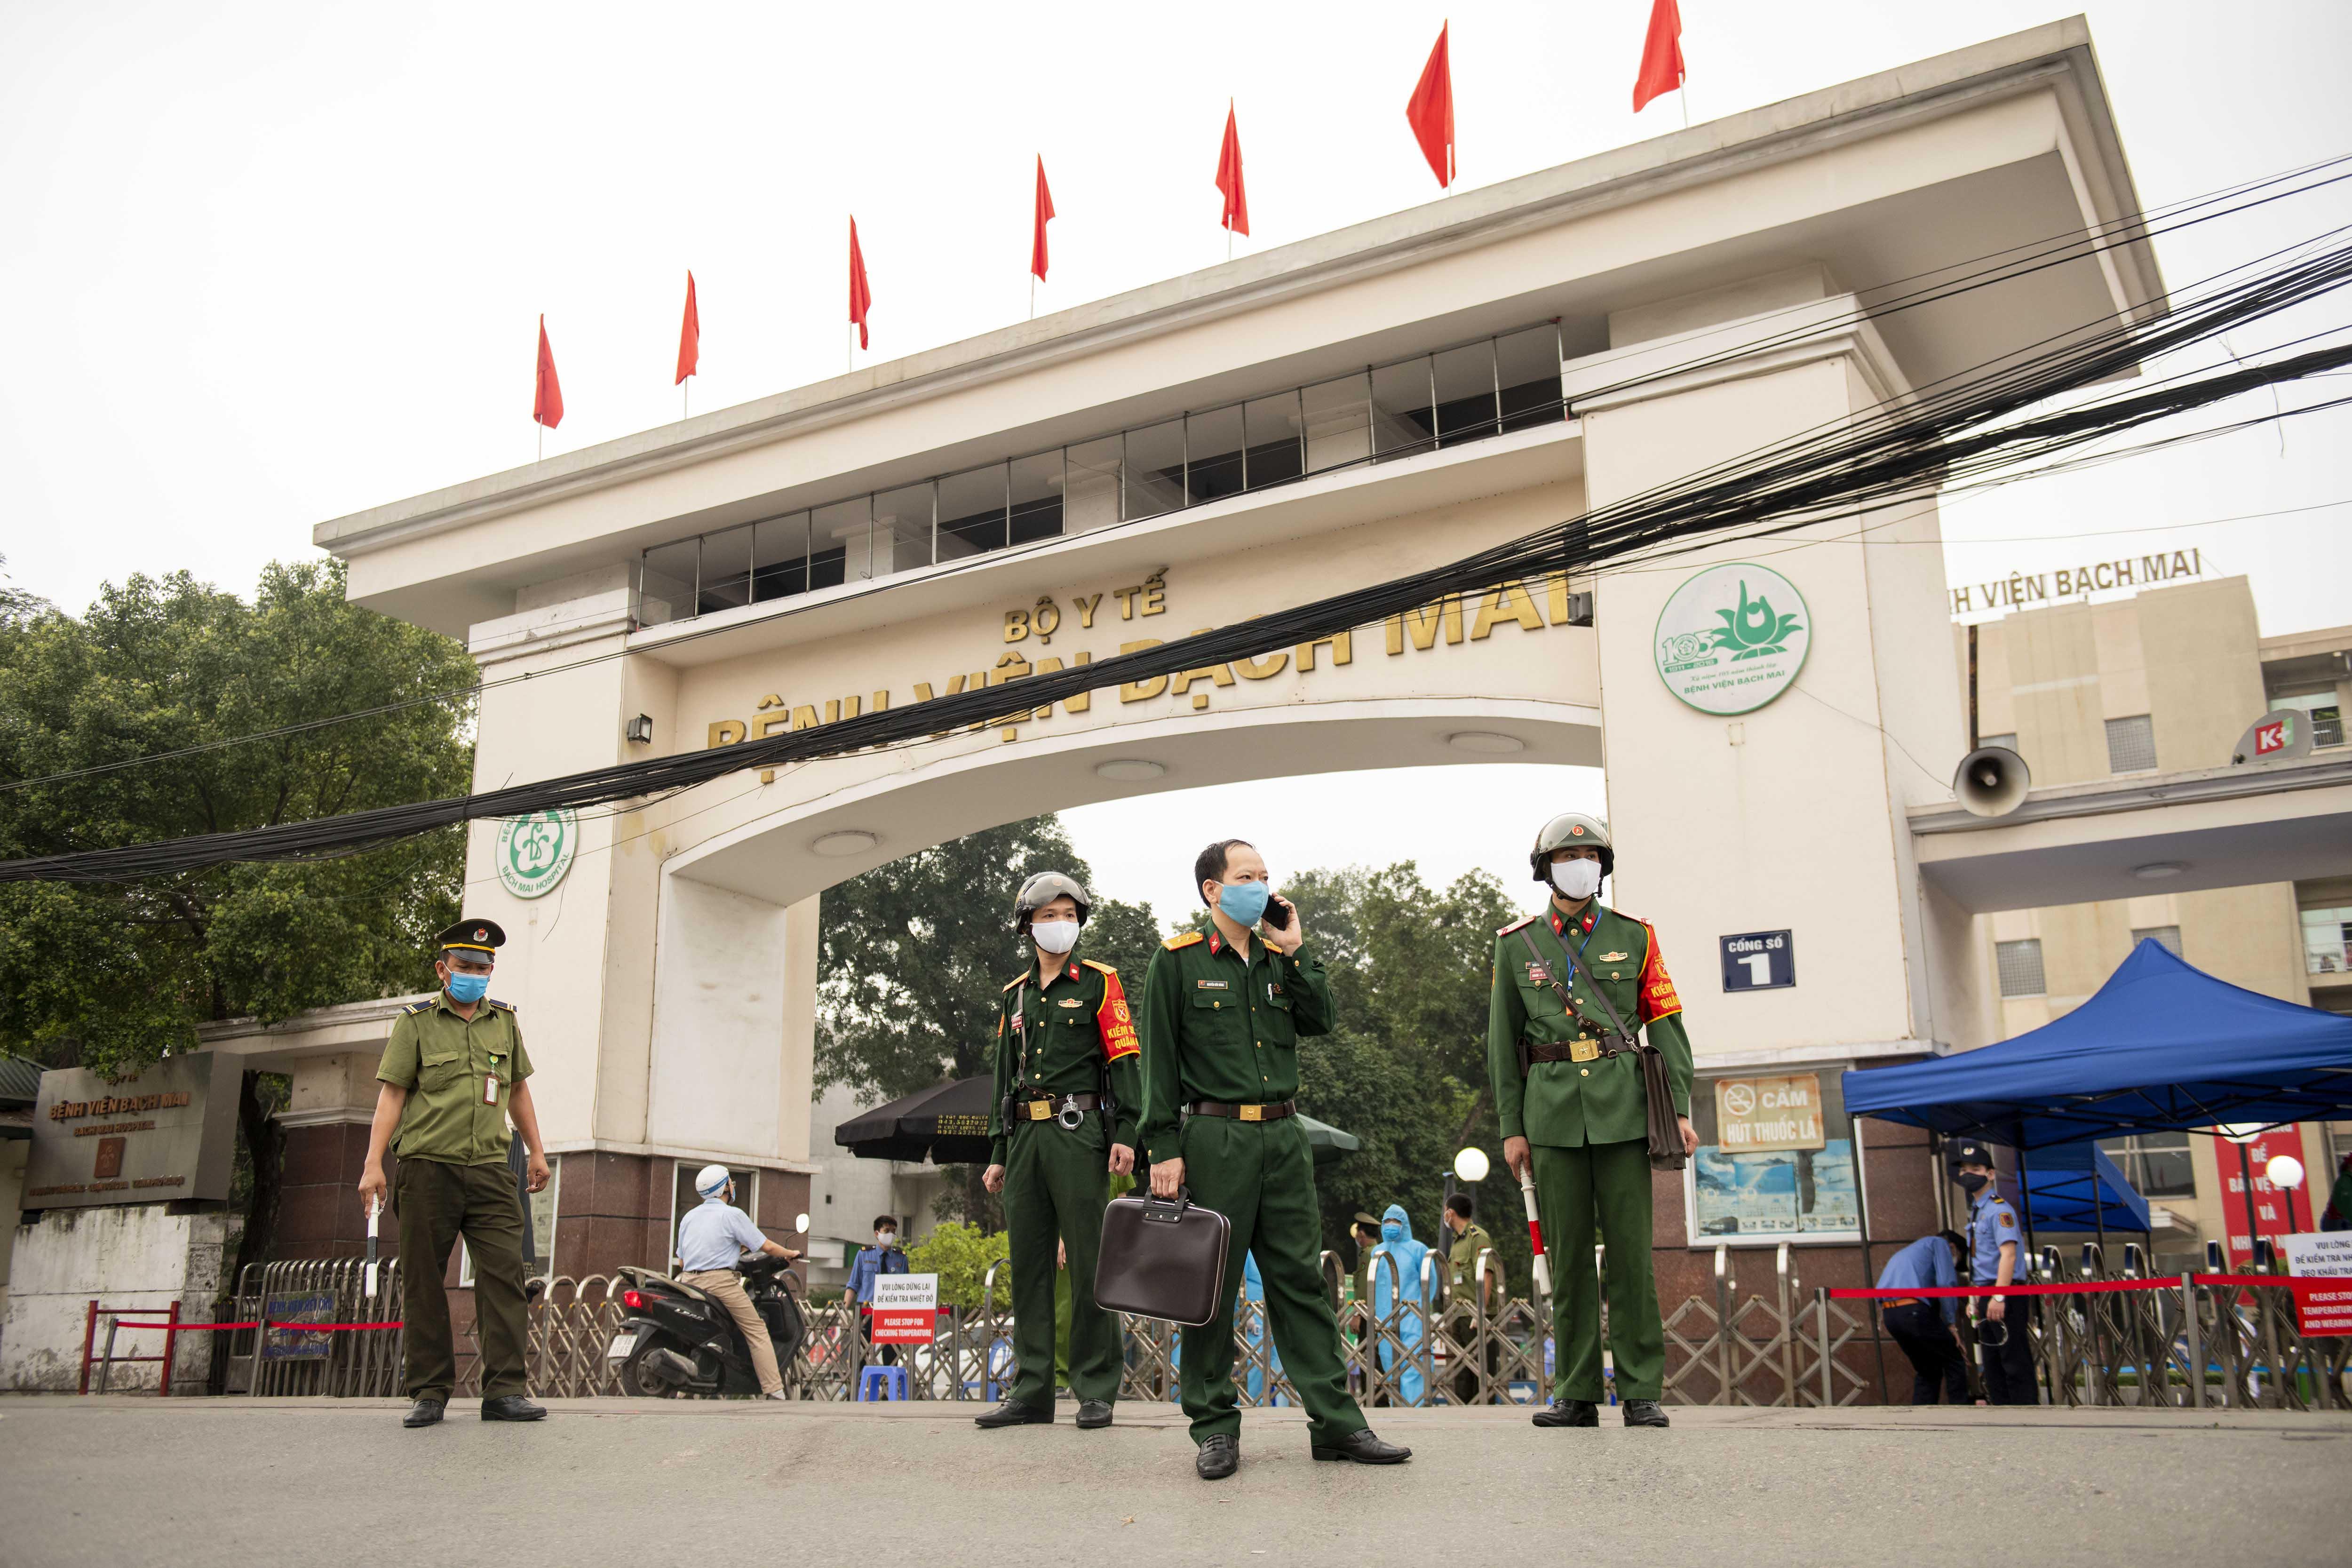 Phát hiện ca nhiễm Covid-19 liên quan đến BV Bạch Mai, Hưng Yên cách ly 1 thôn 28 ngày - 1